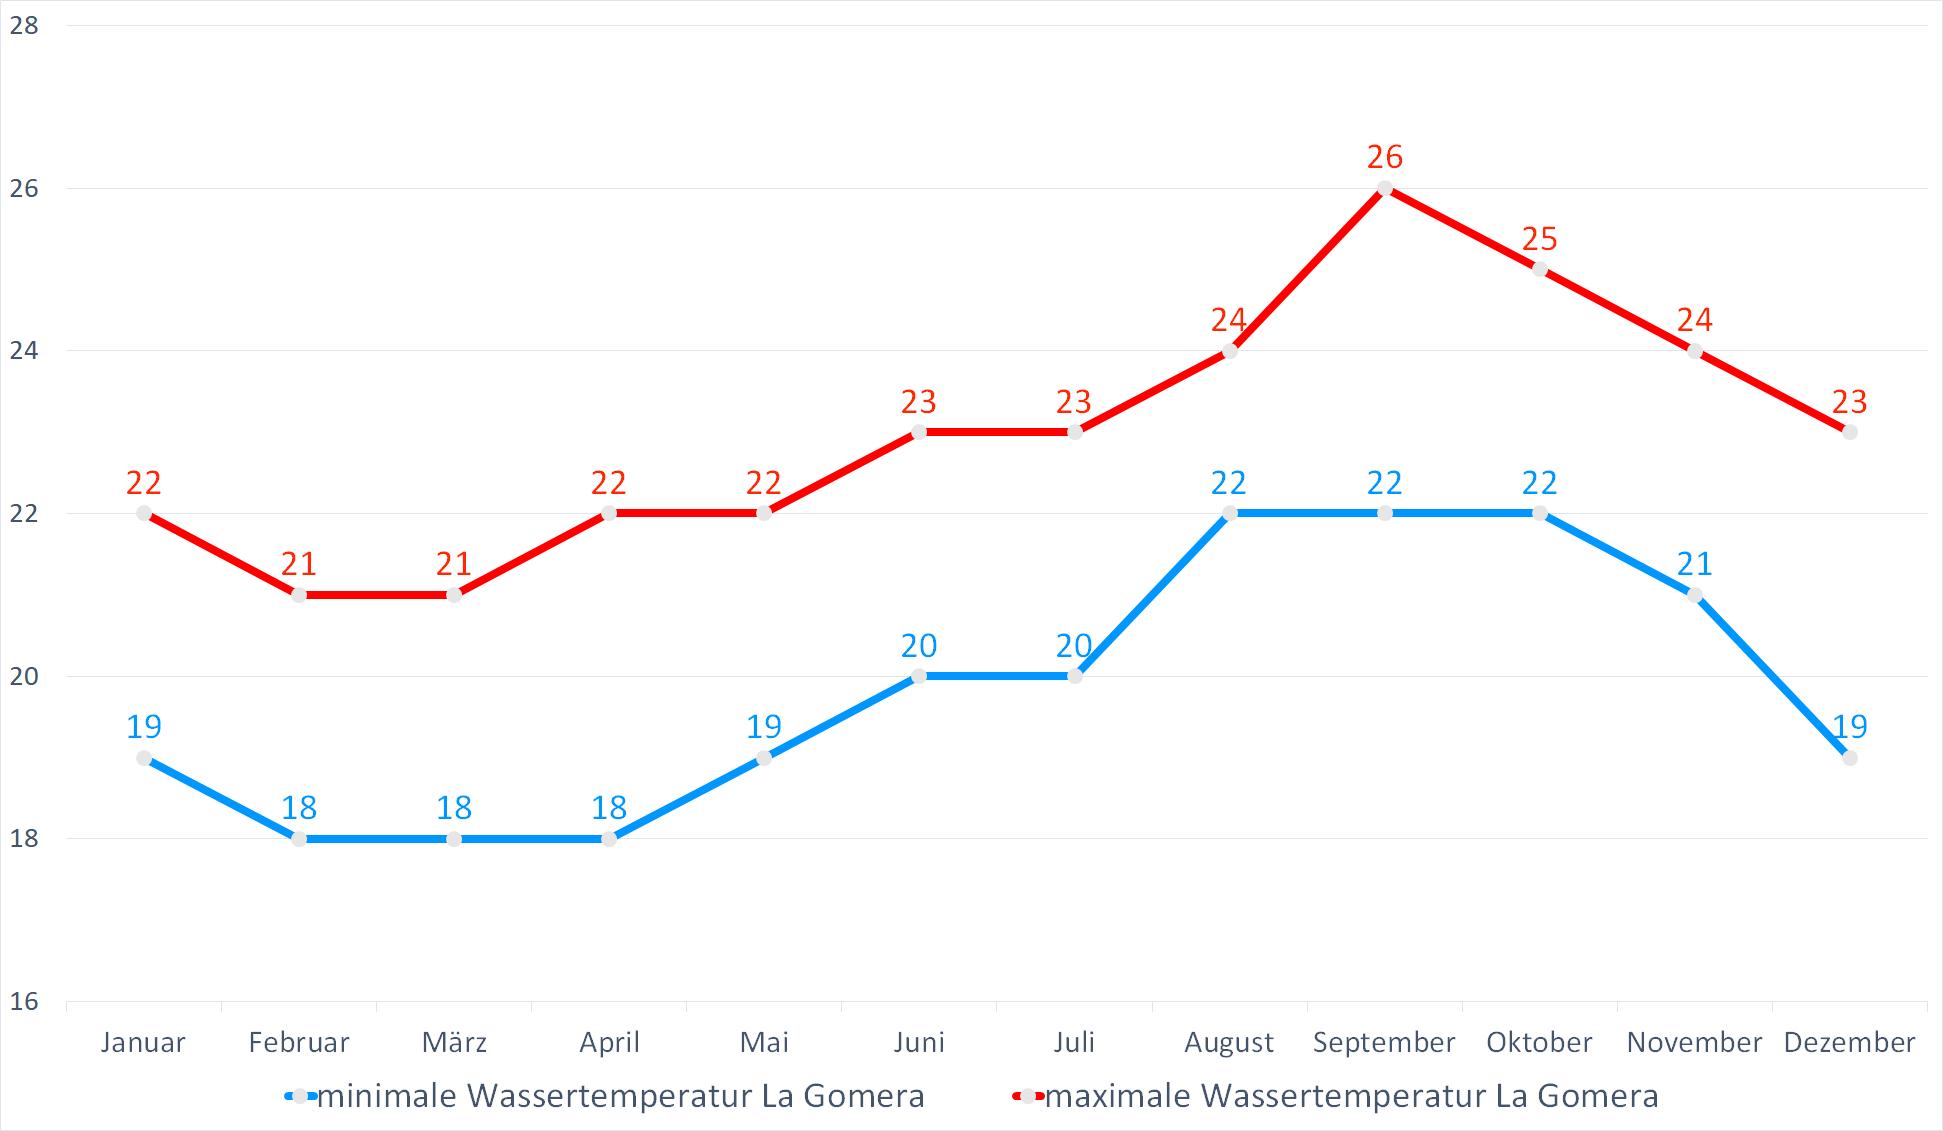 Minimale & Maximale Wassertemperaturen für La Gomera im Jahresverlauf